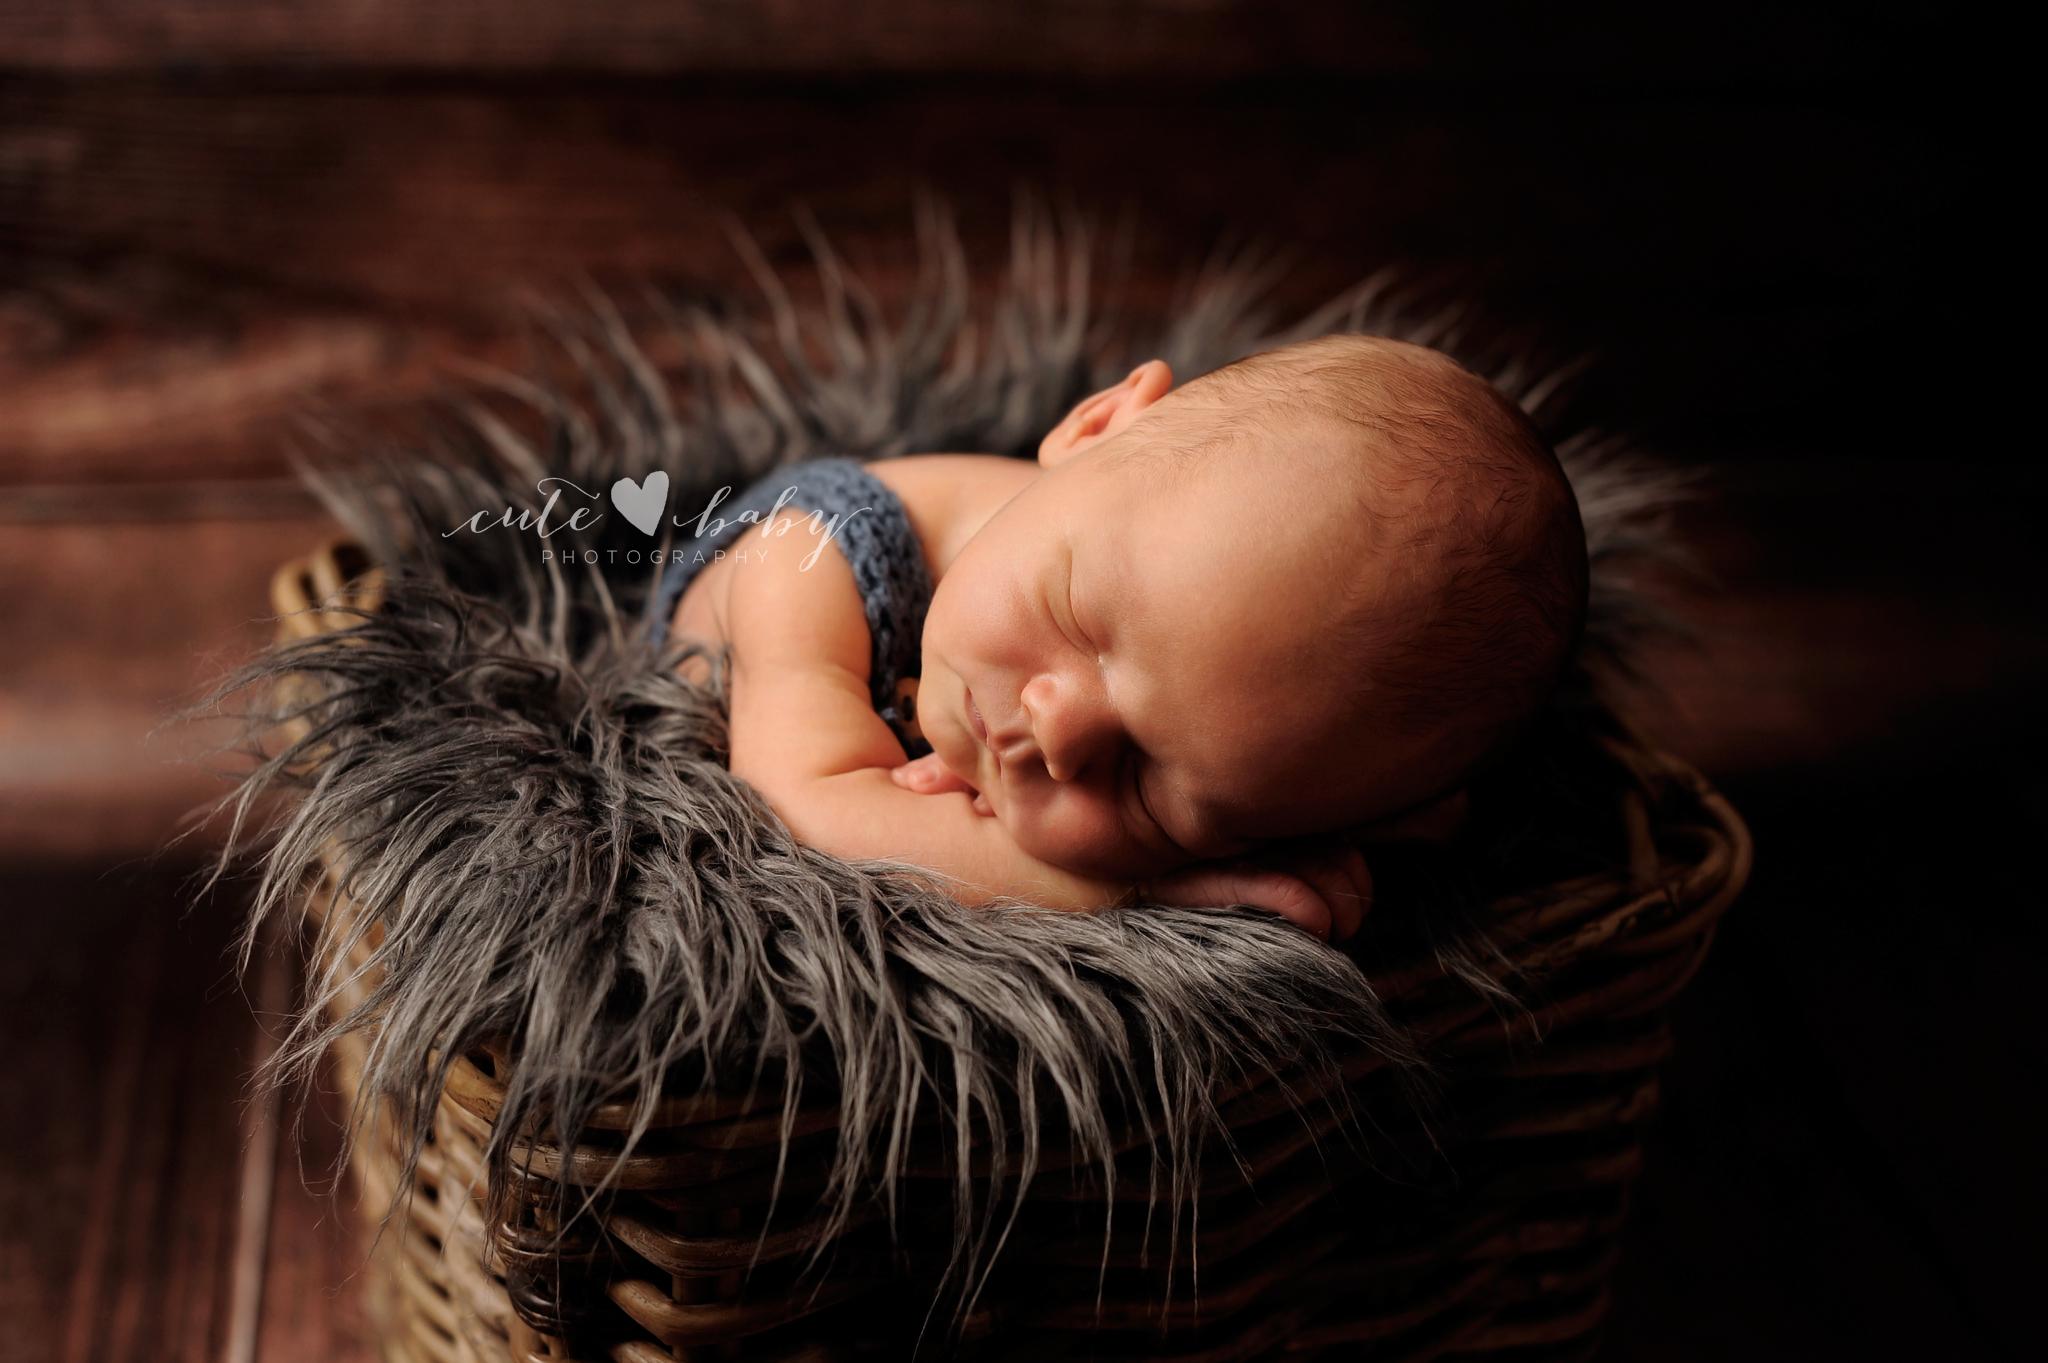 Newborn Photography Manchester, Newborn Photography Cheshire